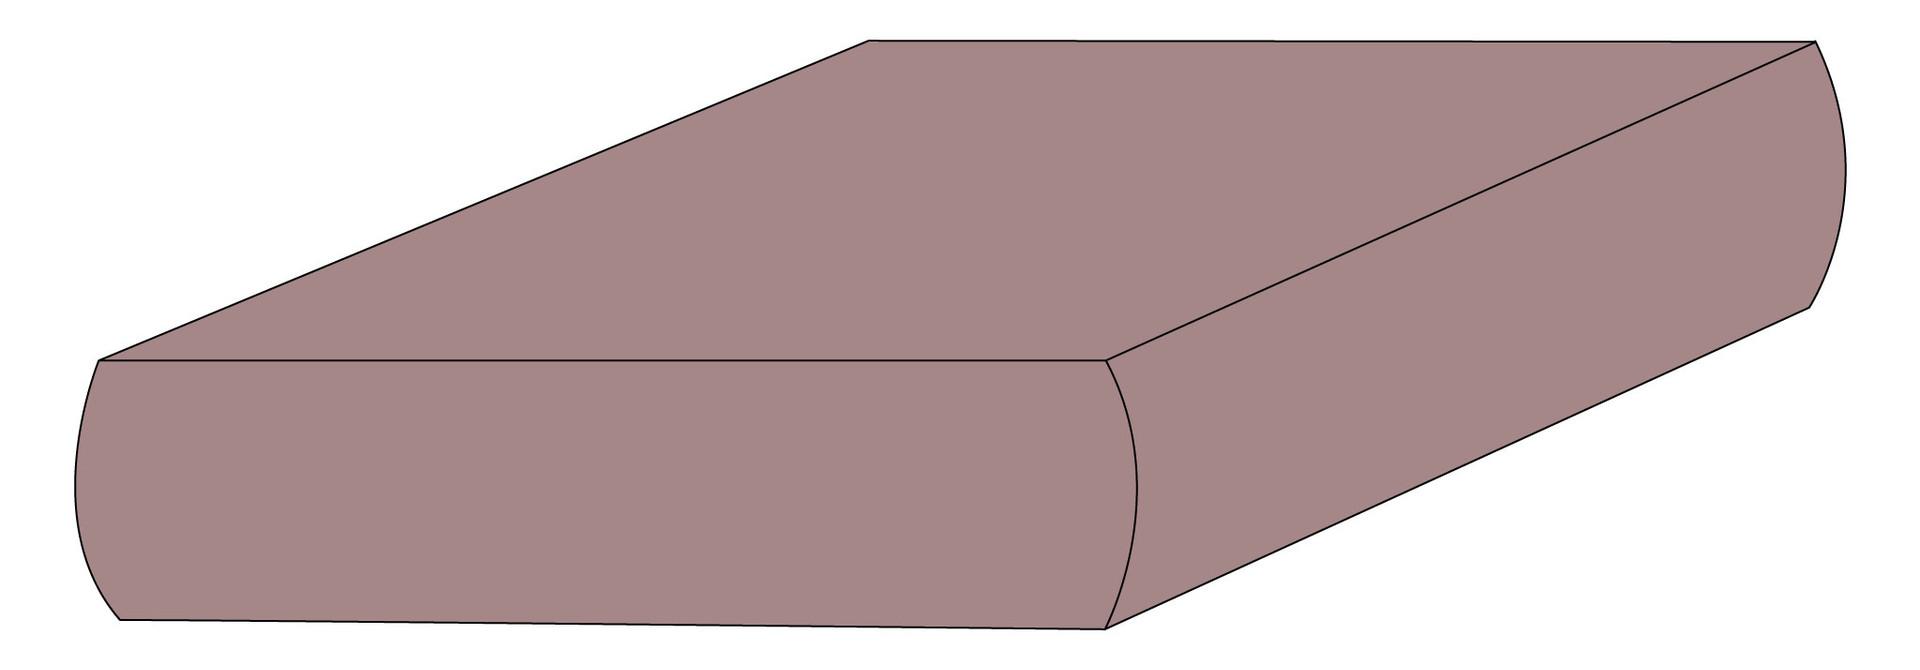 Drap contour coton - Plum